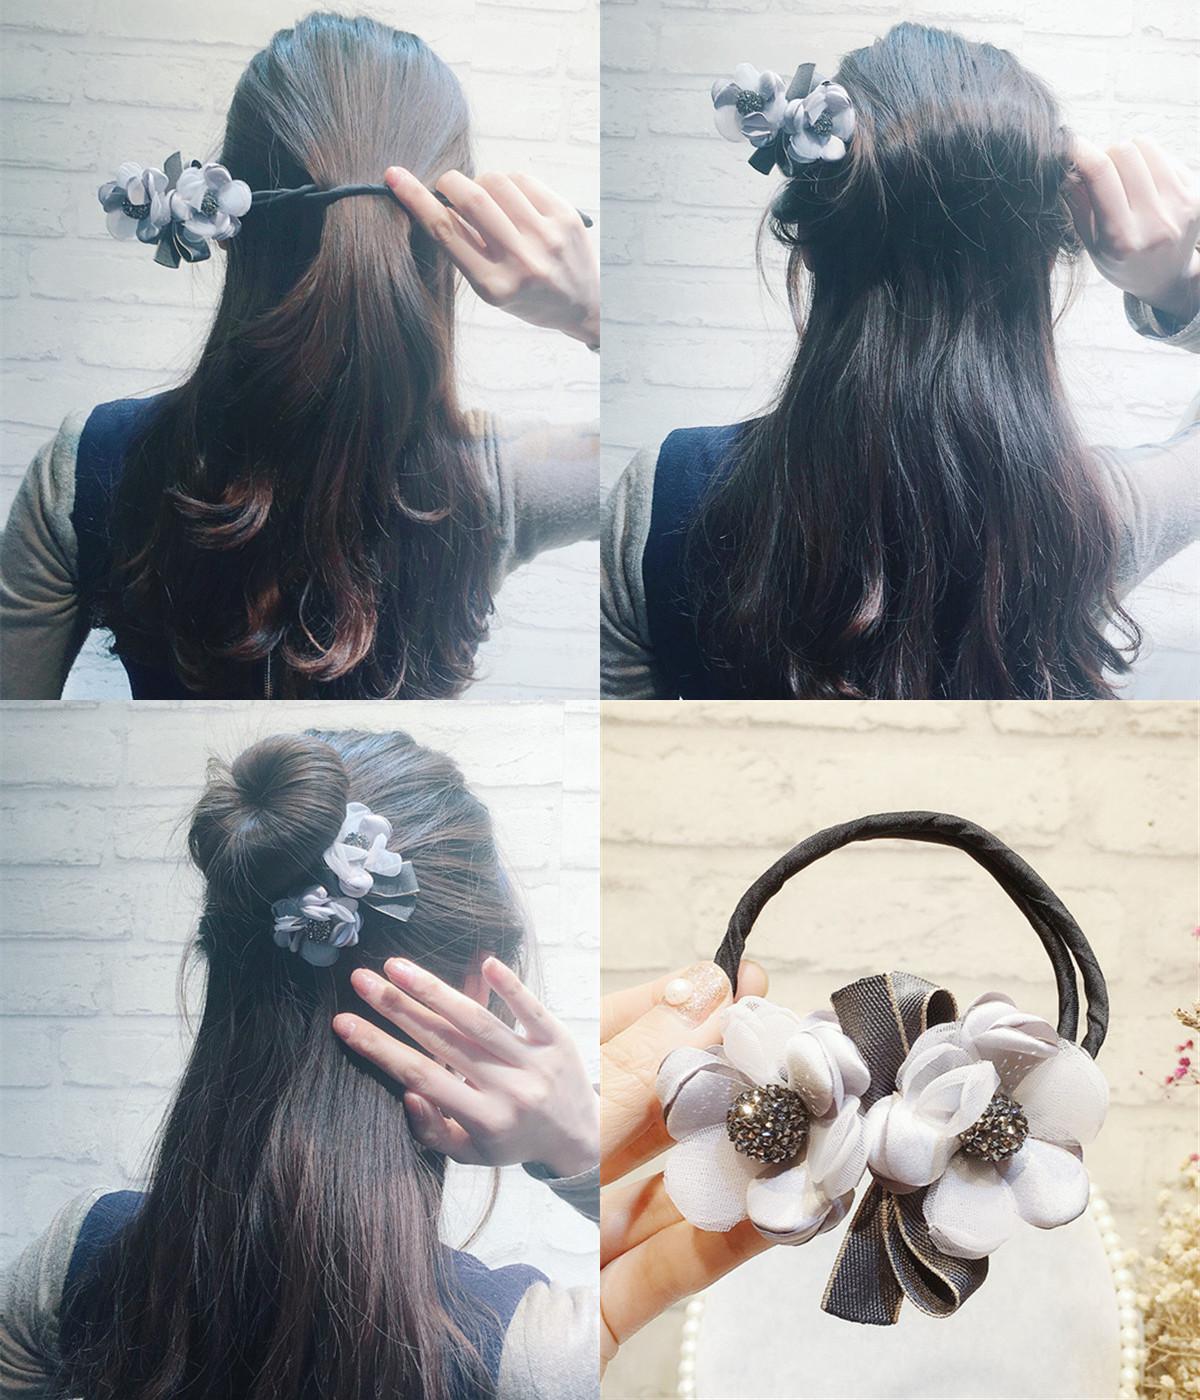 丸子头花朵盘发器韩国头饰百变花苞头扎头发盘发造型神器发饰女图片